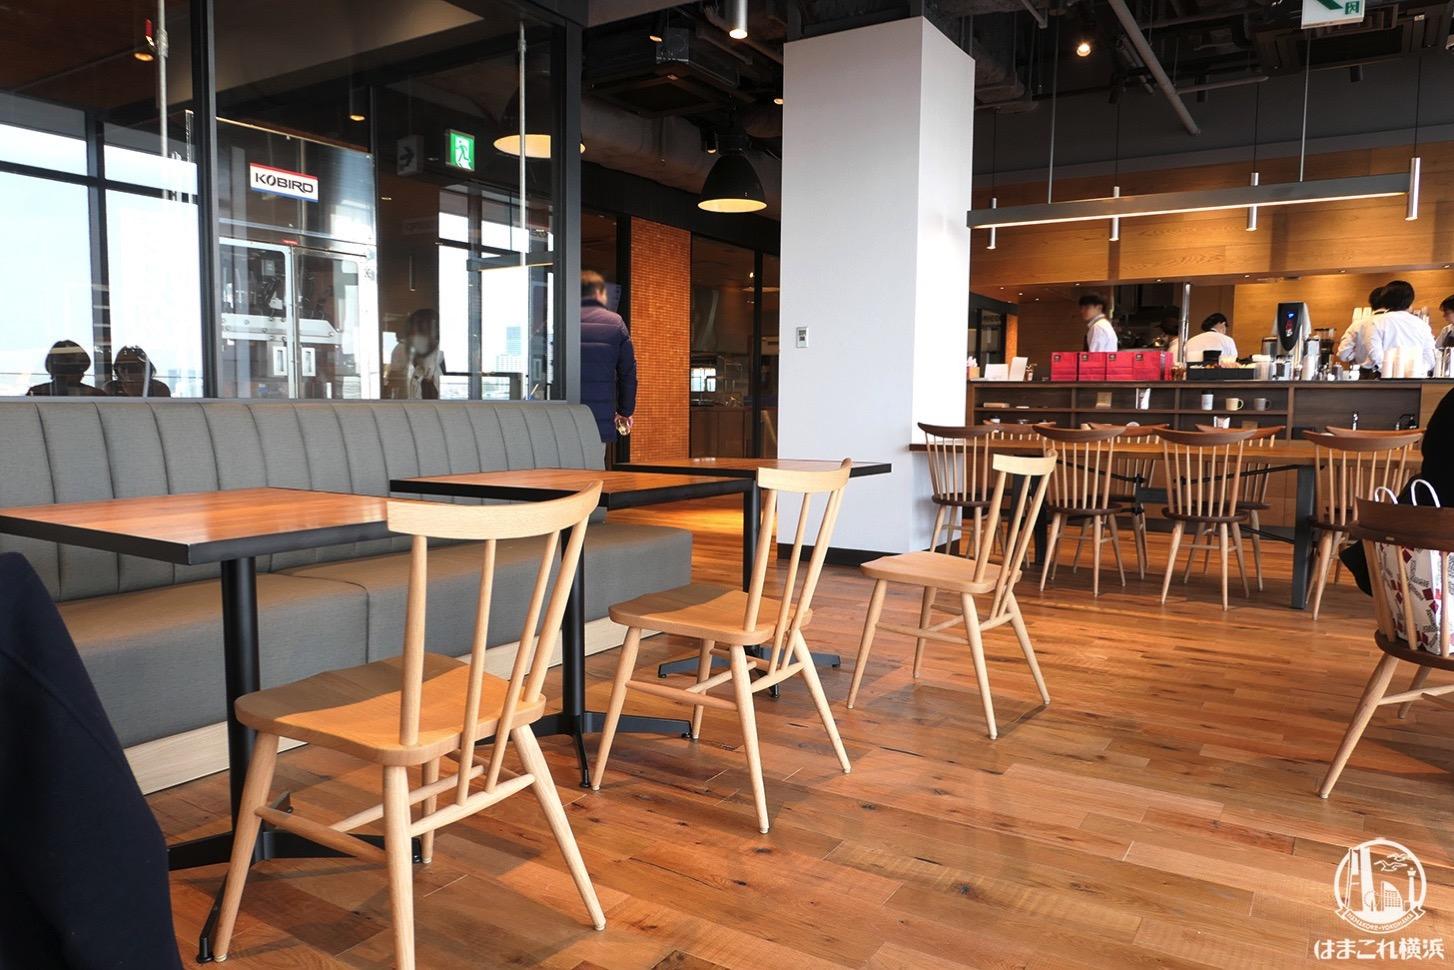 横浜ハンマーヘッド「クルミッ子ファクトリー」店内奥のカフェ